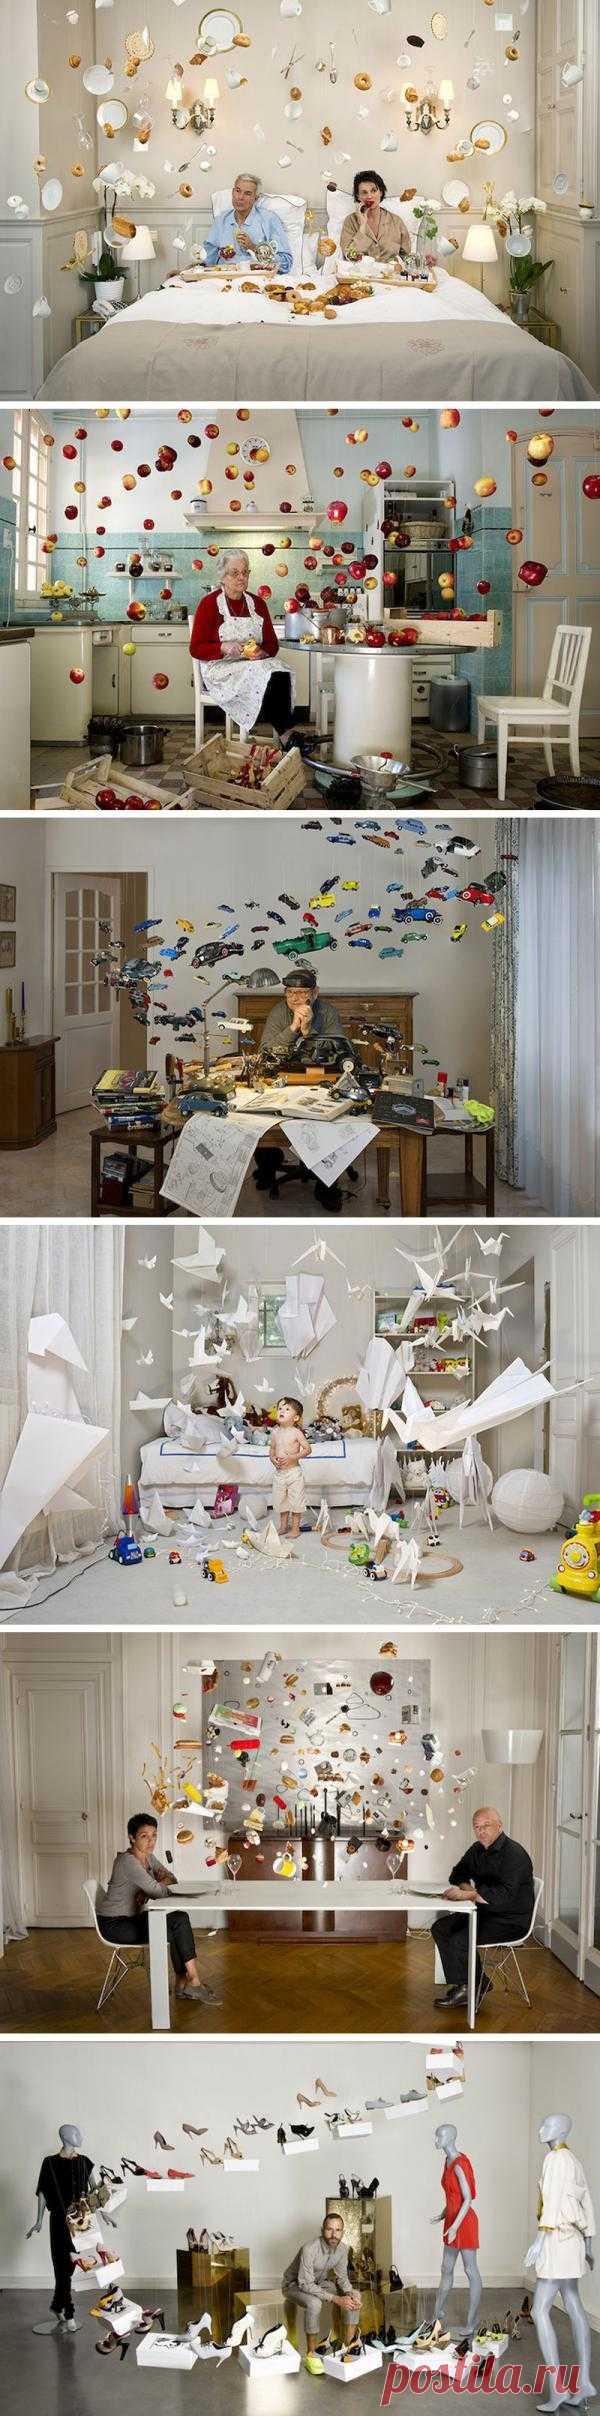 Парящие объекты. Проект французского фотографа Серис Дусе, в котором она создает таинственные моменты. Неодушевленные предметы оживают в вихре хаоса. Каждое изображение в ее коллекции более захватывающее и неожиданное, чем предыдущее.